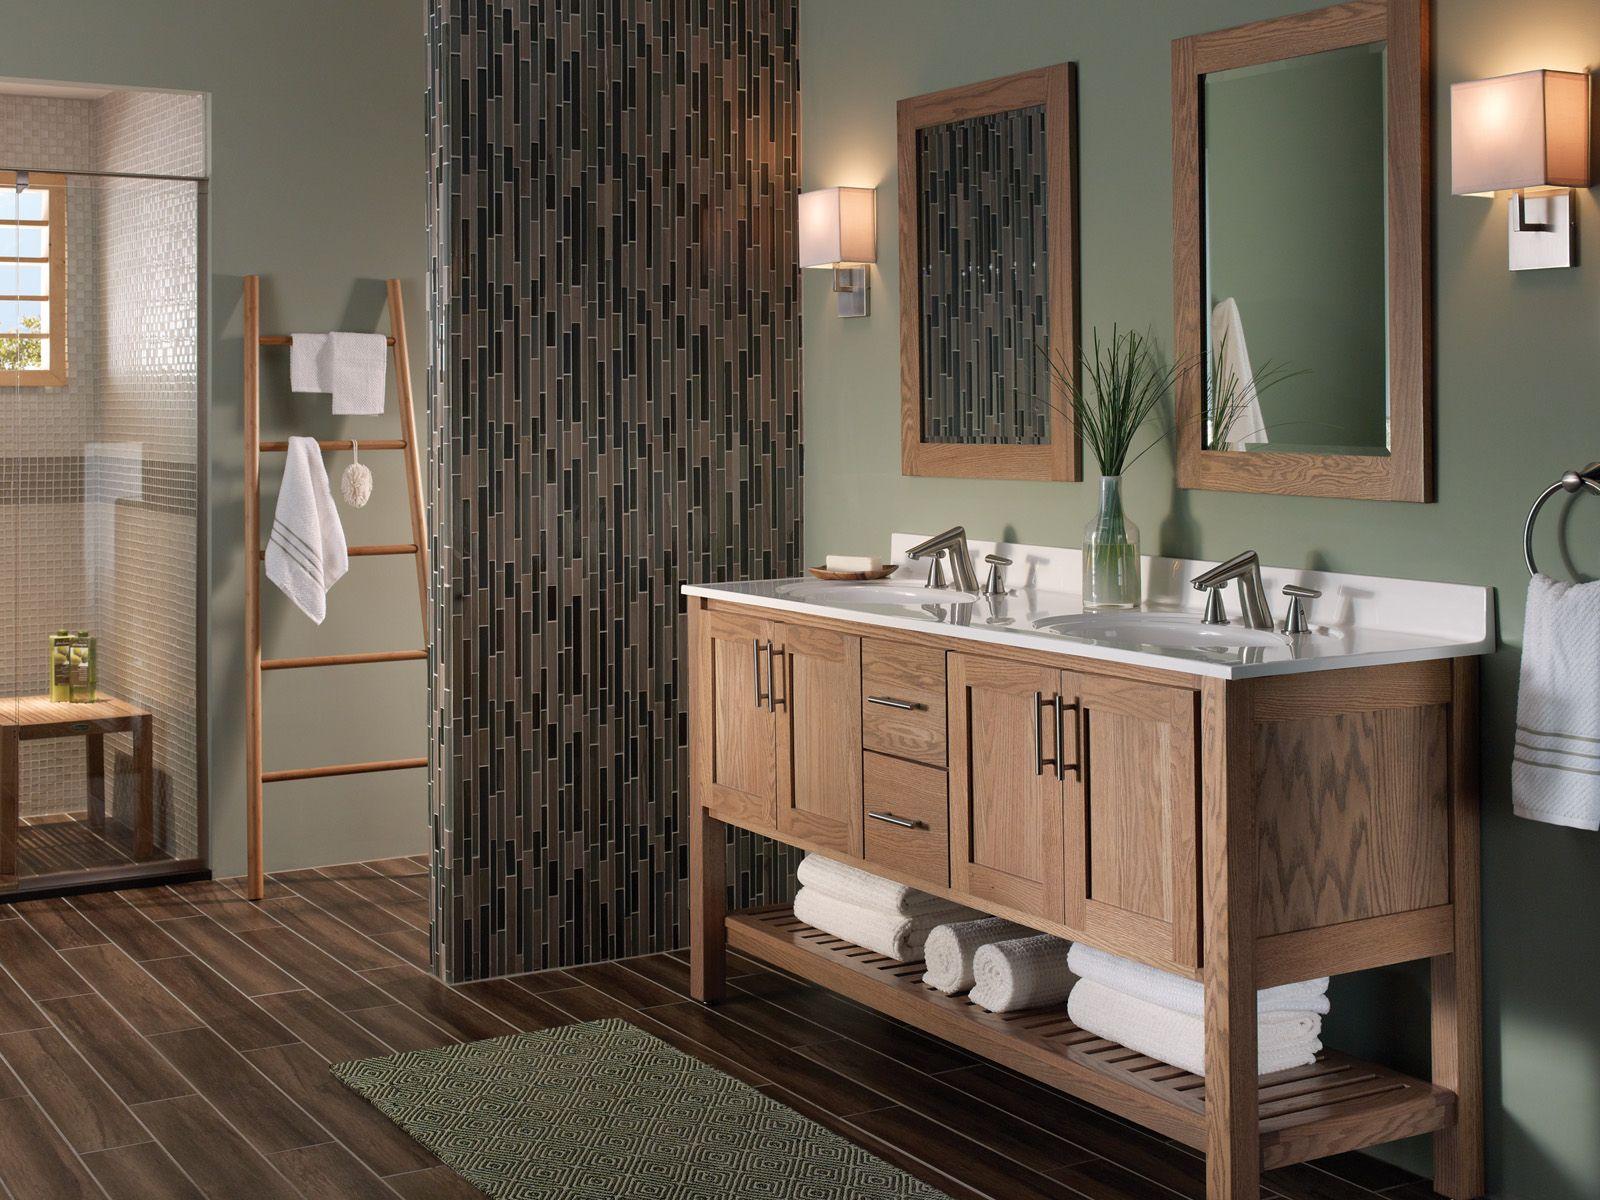 Interlude Oak Driftwood Bathroom Cabinetry Bathroom Wall Cabinets Bathroom Vanity Tops